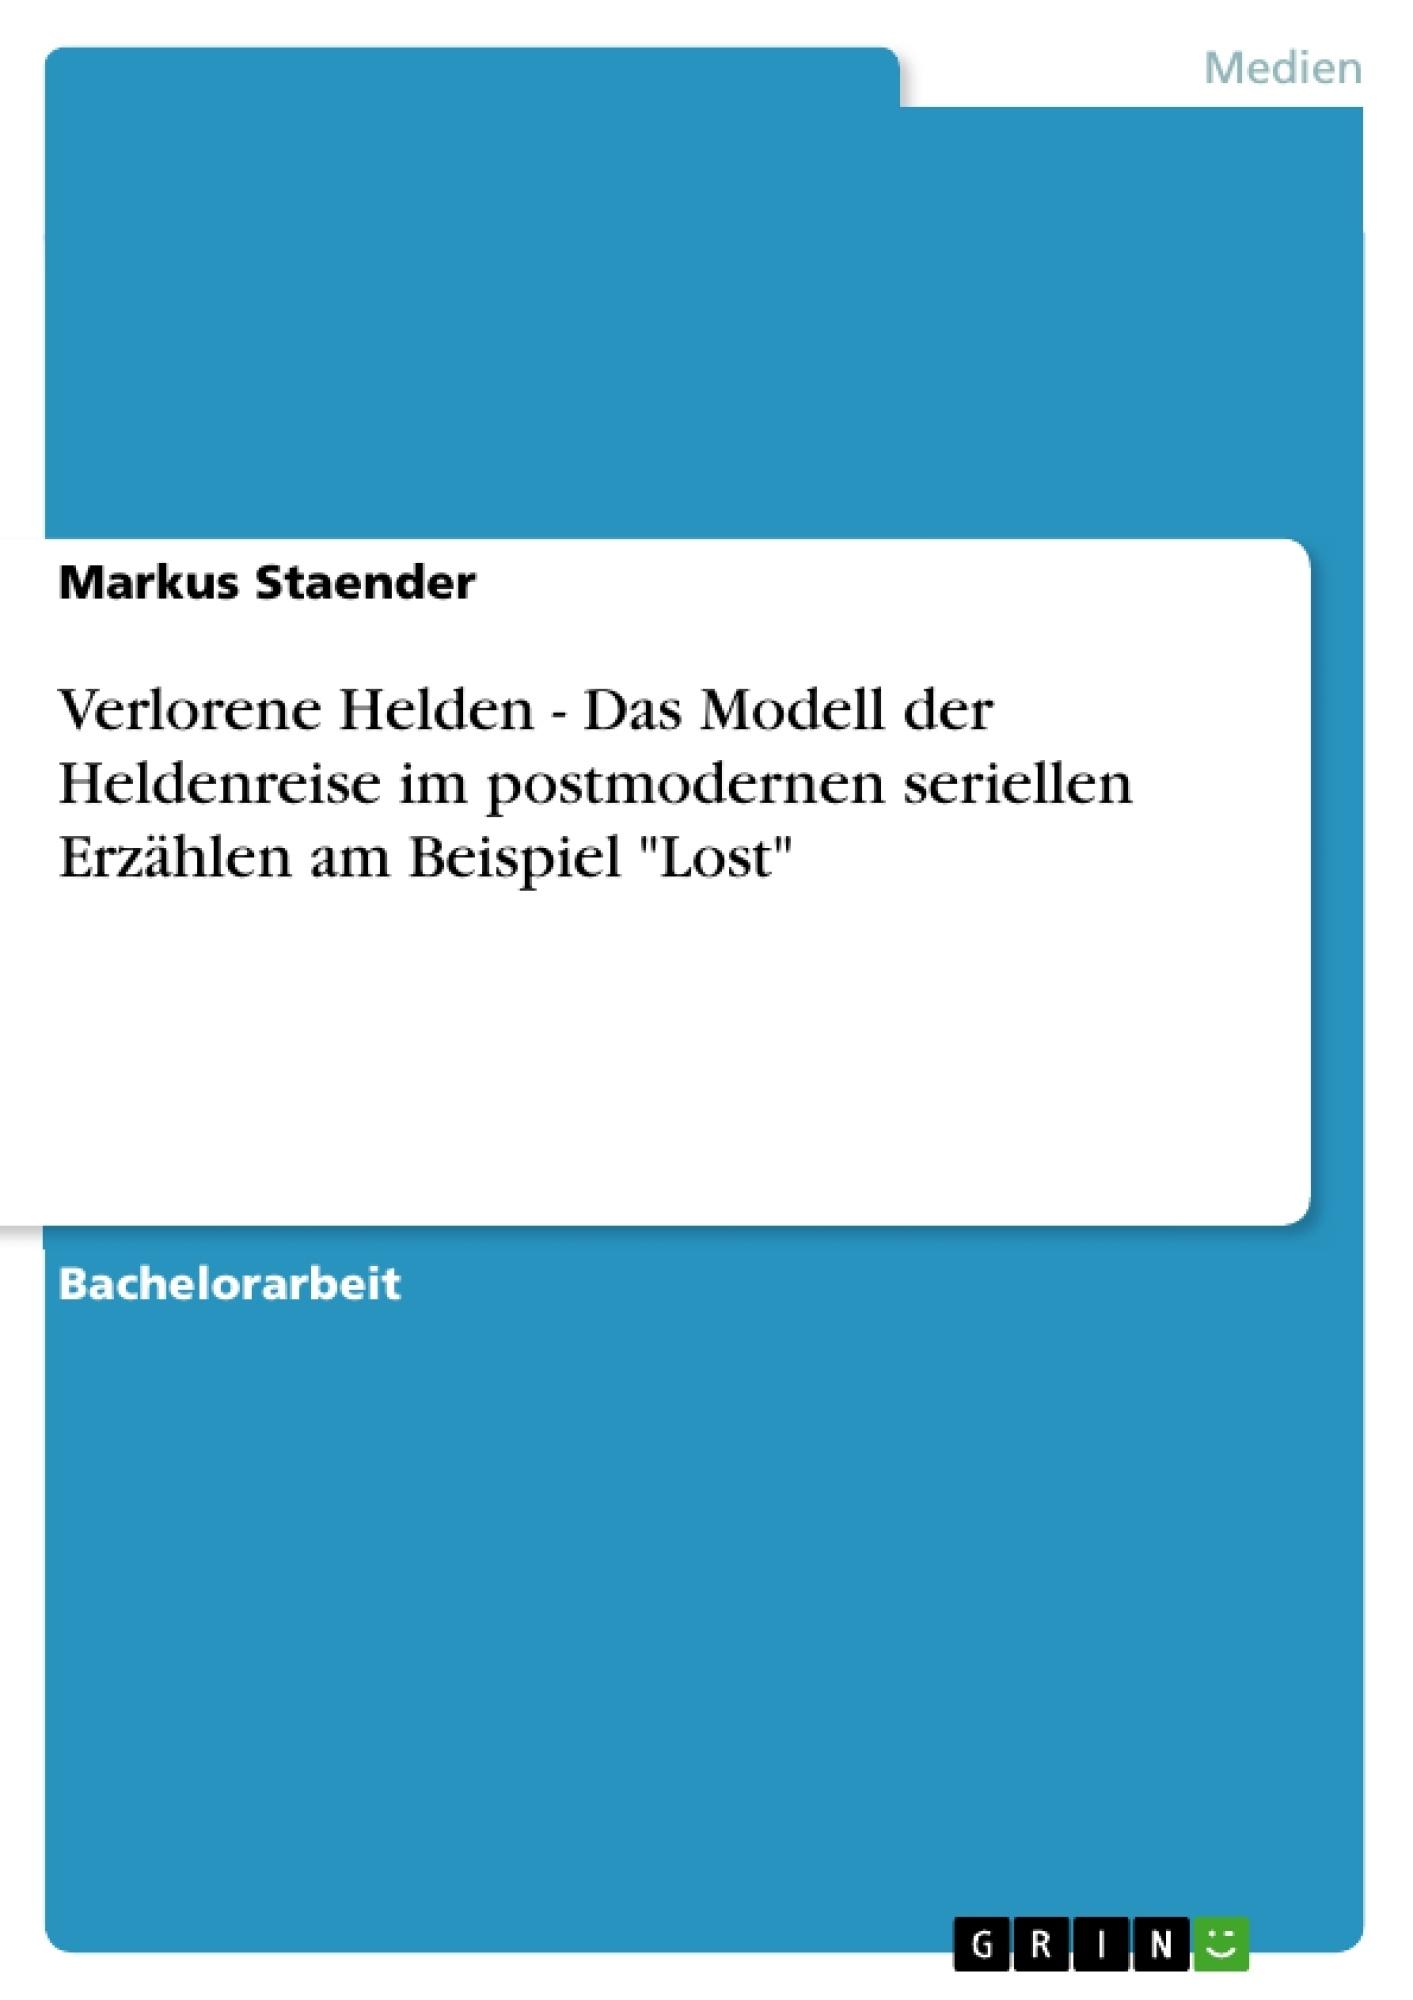 """Titel: Verlorene Helden - Das Modell der Heldenreise im postmodernen seriellen Erzählen am Beispiel """"Lost"""""""